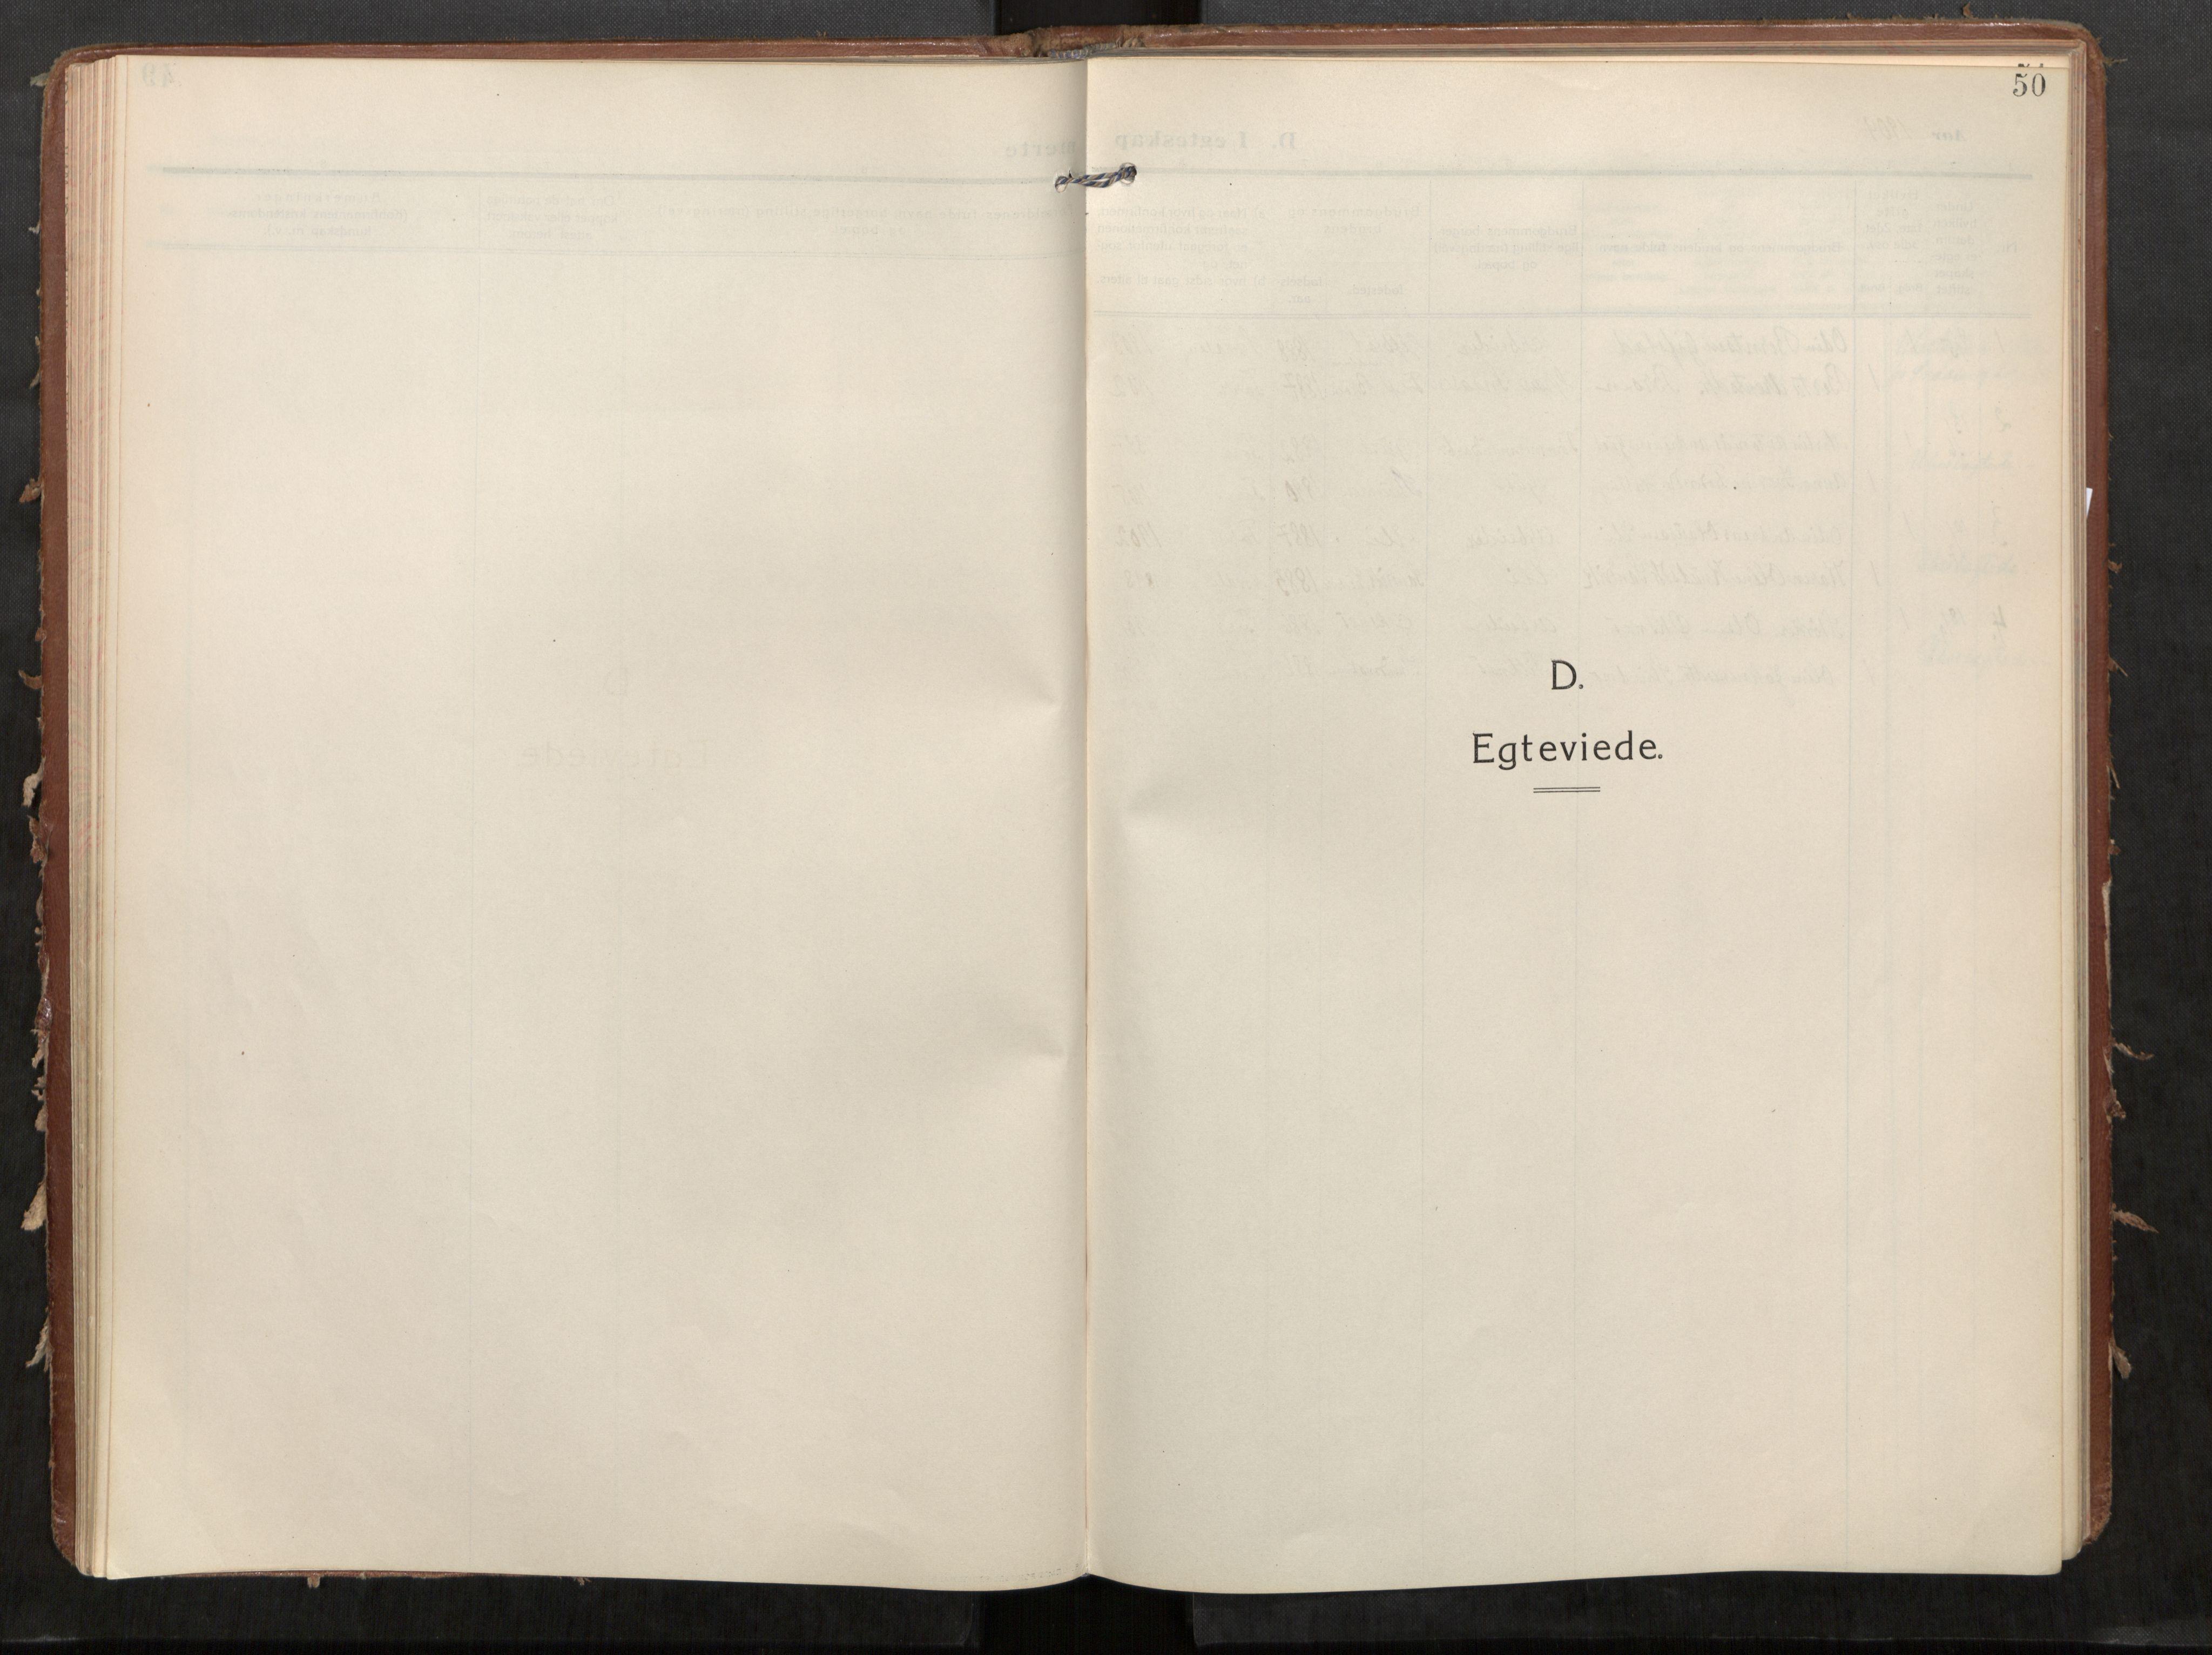 SAT, Stod sokneprestkontor, I/I1/I1a/L0002: Ministerialbok nr. 2, 1909-1922, s. 50